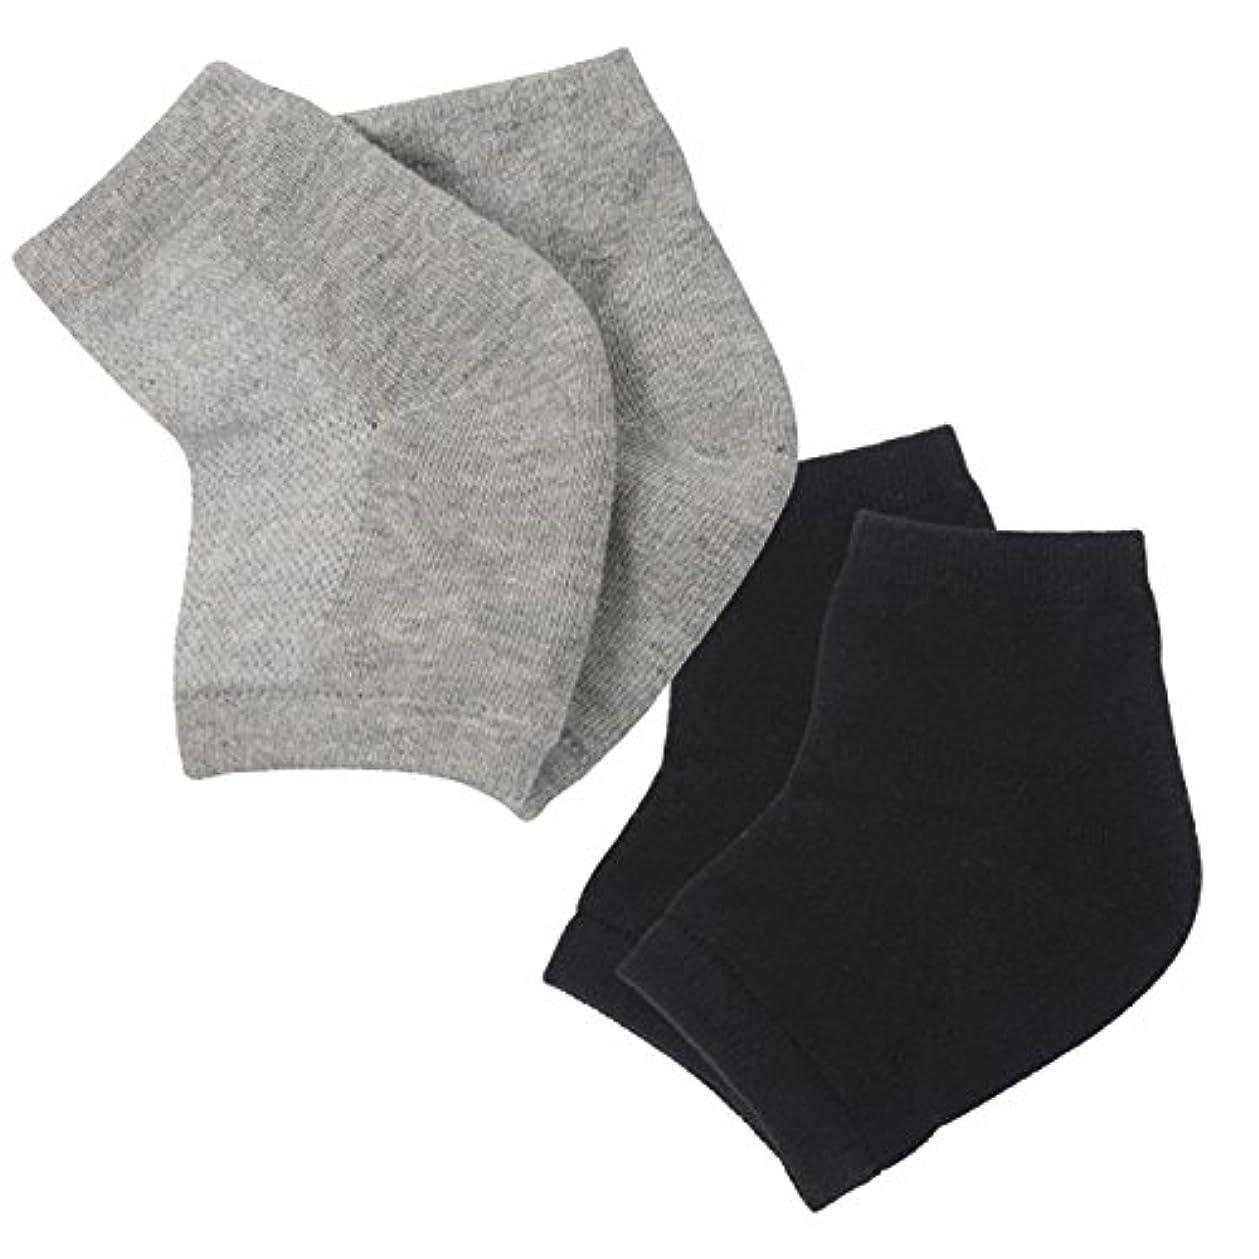 構造的本土刃(アクアランド) AQUALAND かかと 保湿ソックス ツルツル 乾燥 カサカサ 履くだけ 簡単 洗える シリコン 指だし 削らない 塗らない 寝ている間に 男女兼用 サイズフリー 2足組セット (ブラック+グレー)